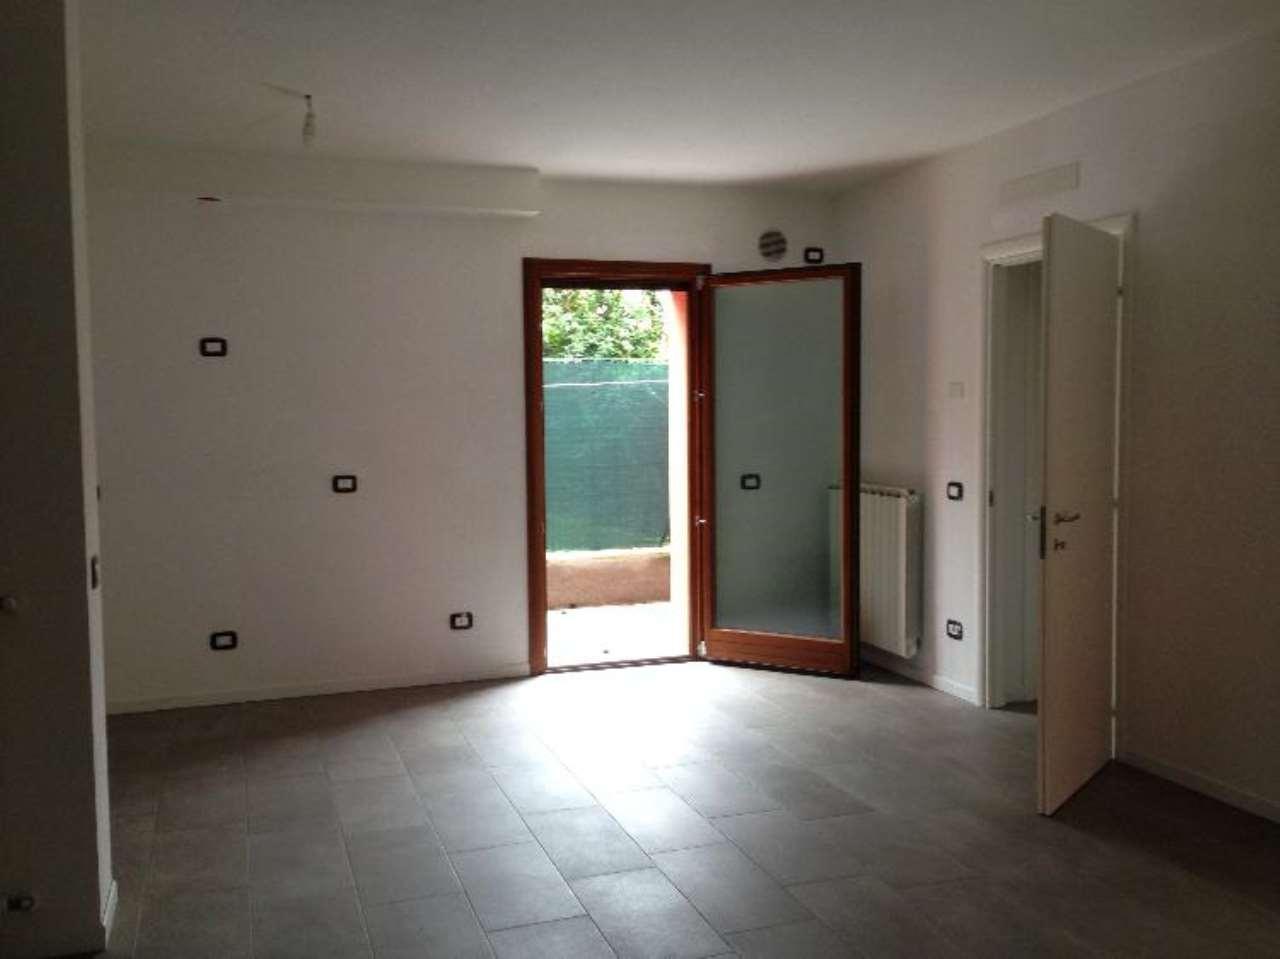 Rustico / Casale in affitto a Gadesco-Pieve Delmona, 4 locali, prezzo € 490 | CambioCasa.it